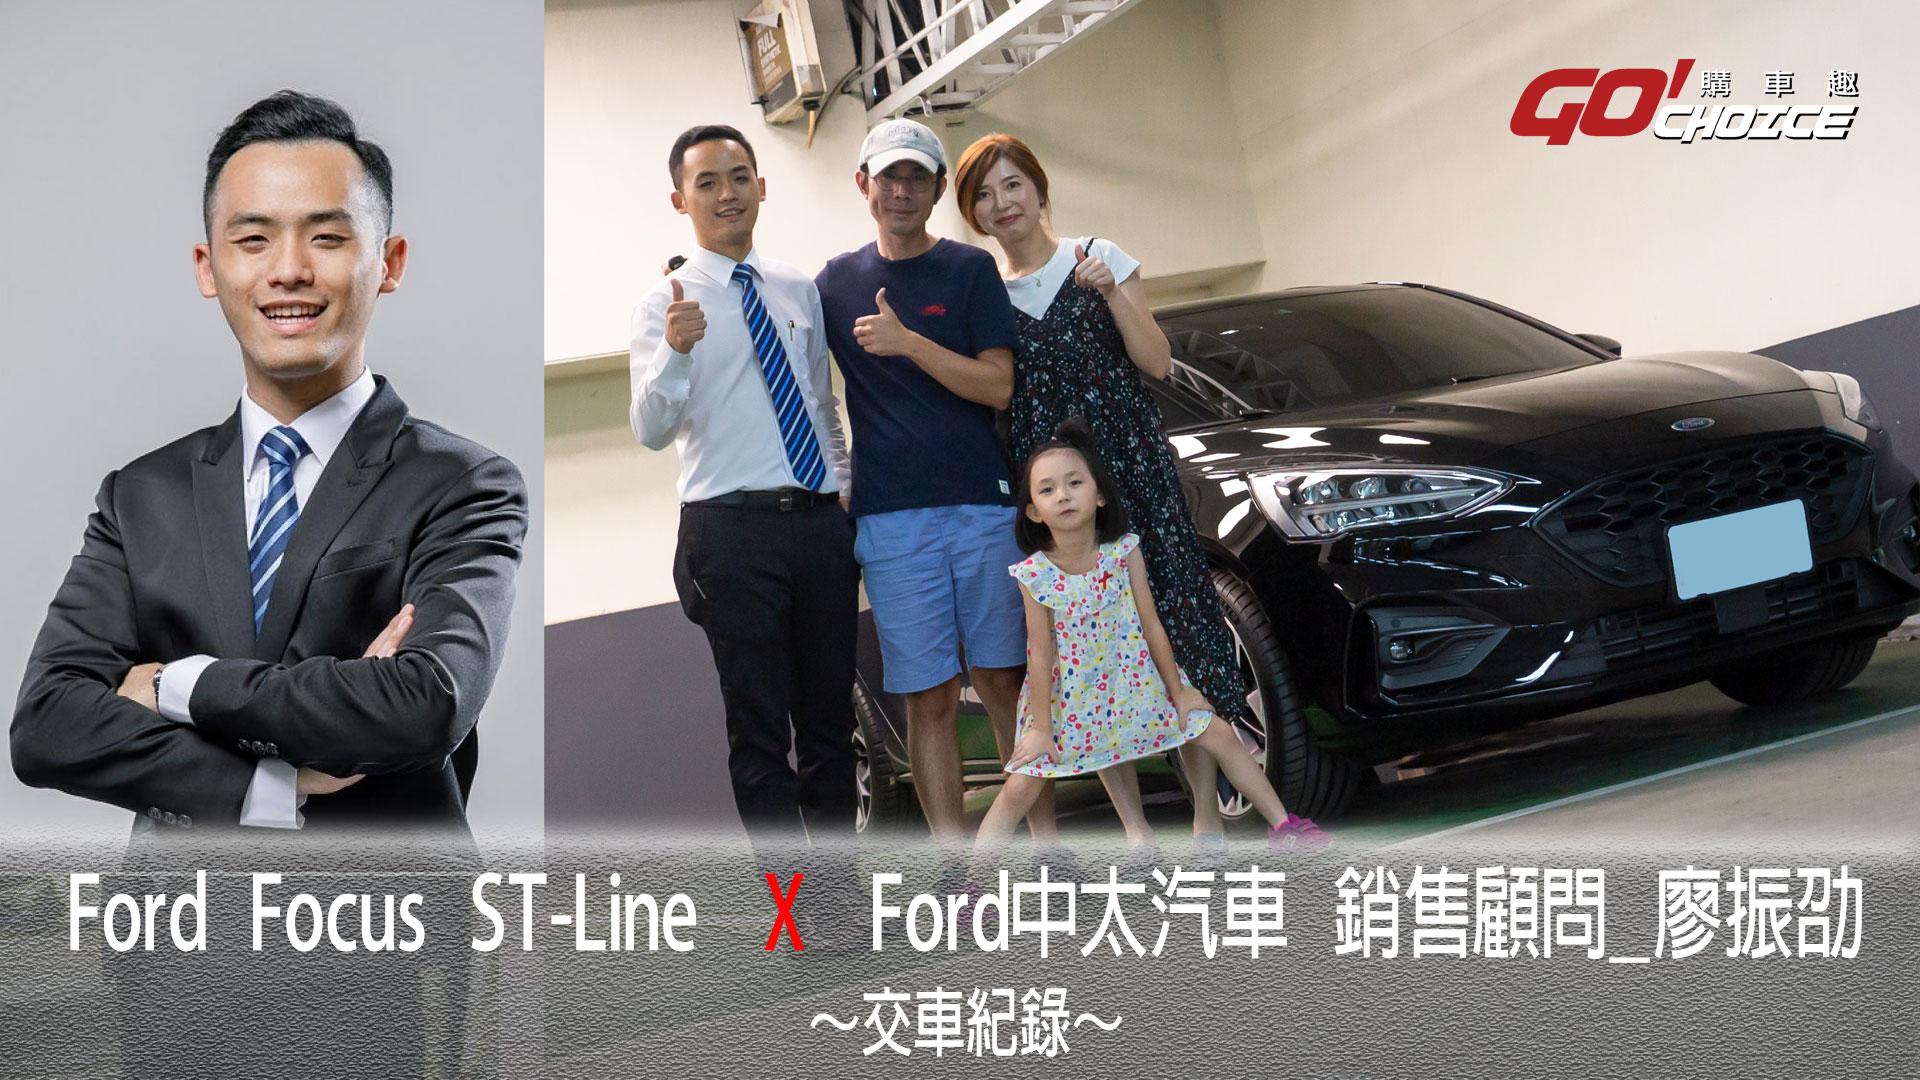 交車紀錄-Ford Focus ST-Line_FORD銷售顧問_廖振劭